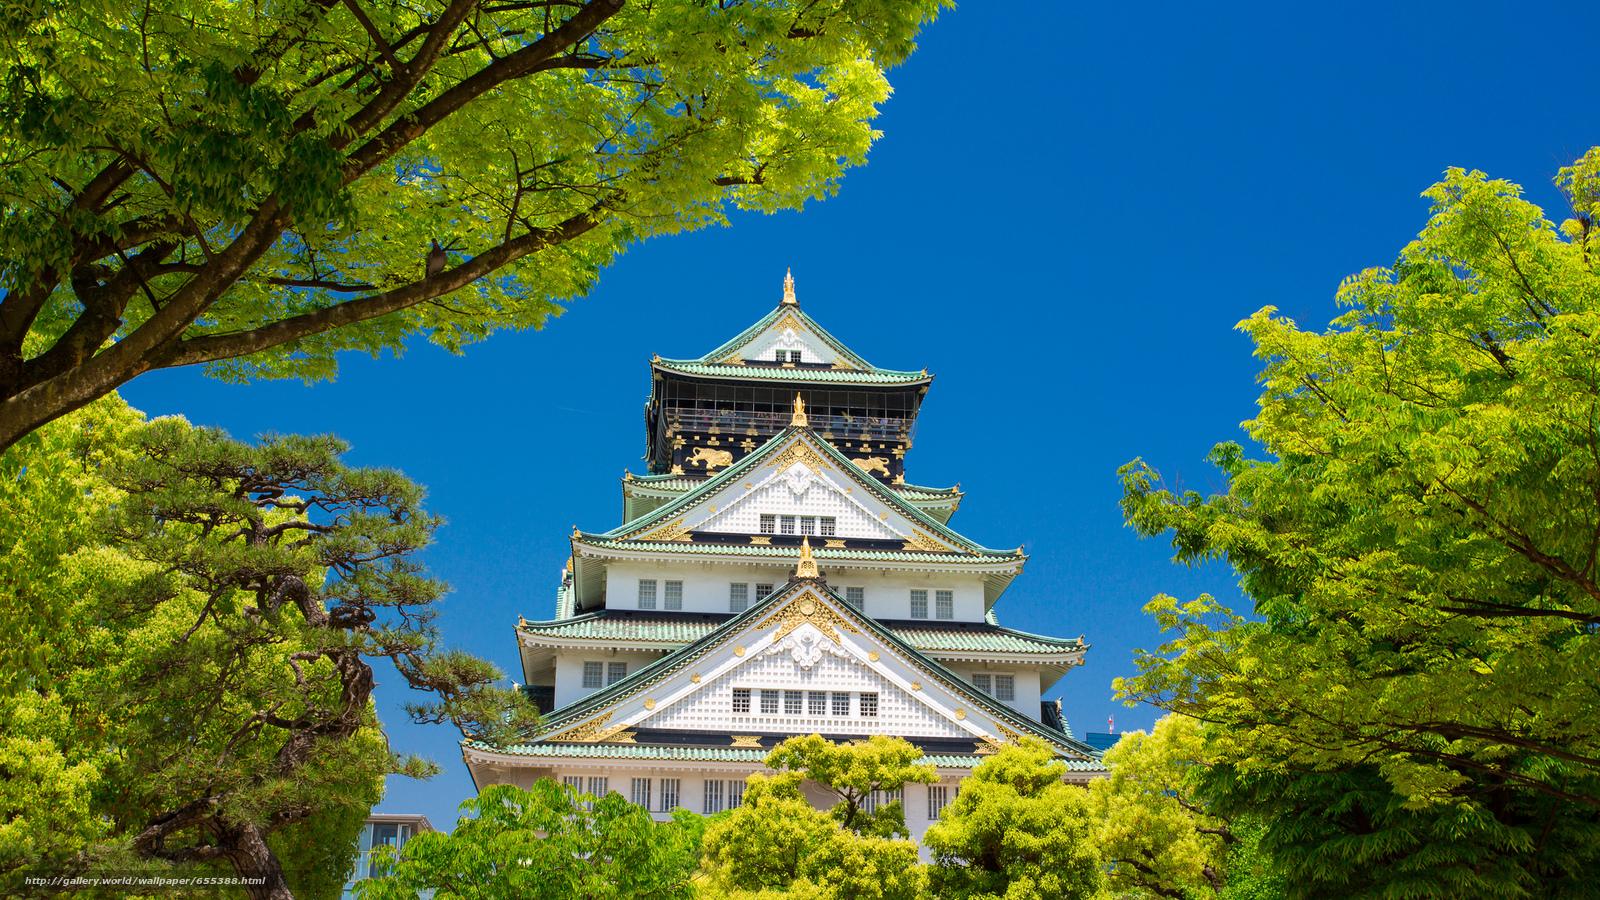 Скачать обои дом,  здание,  деревья,  япония бесплатно для рабочего стола в разрешении 2048x1152 — картинка №655388